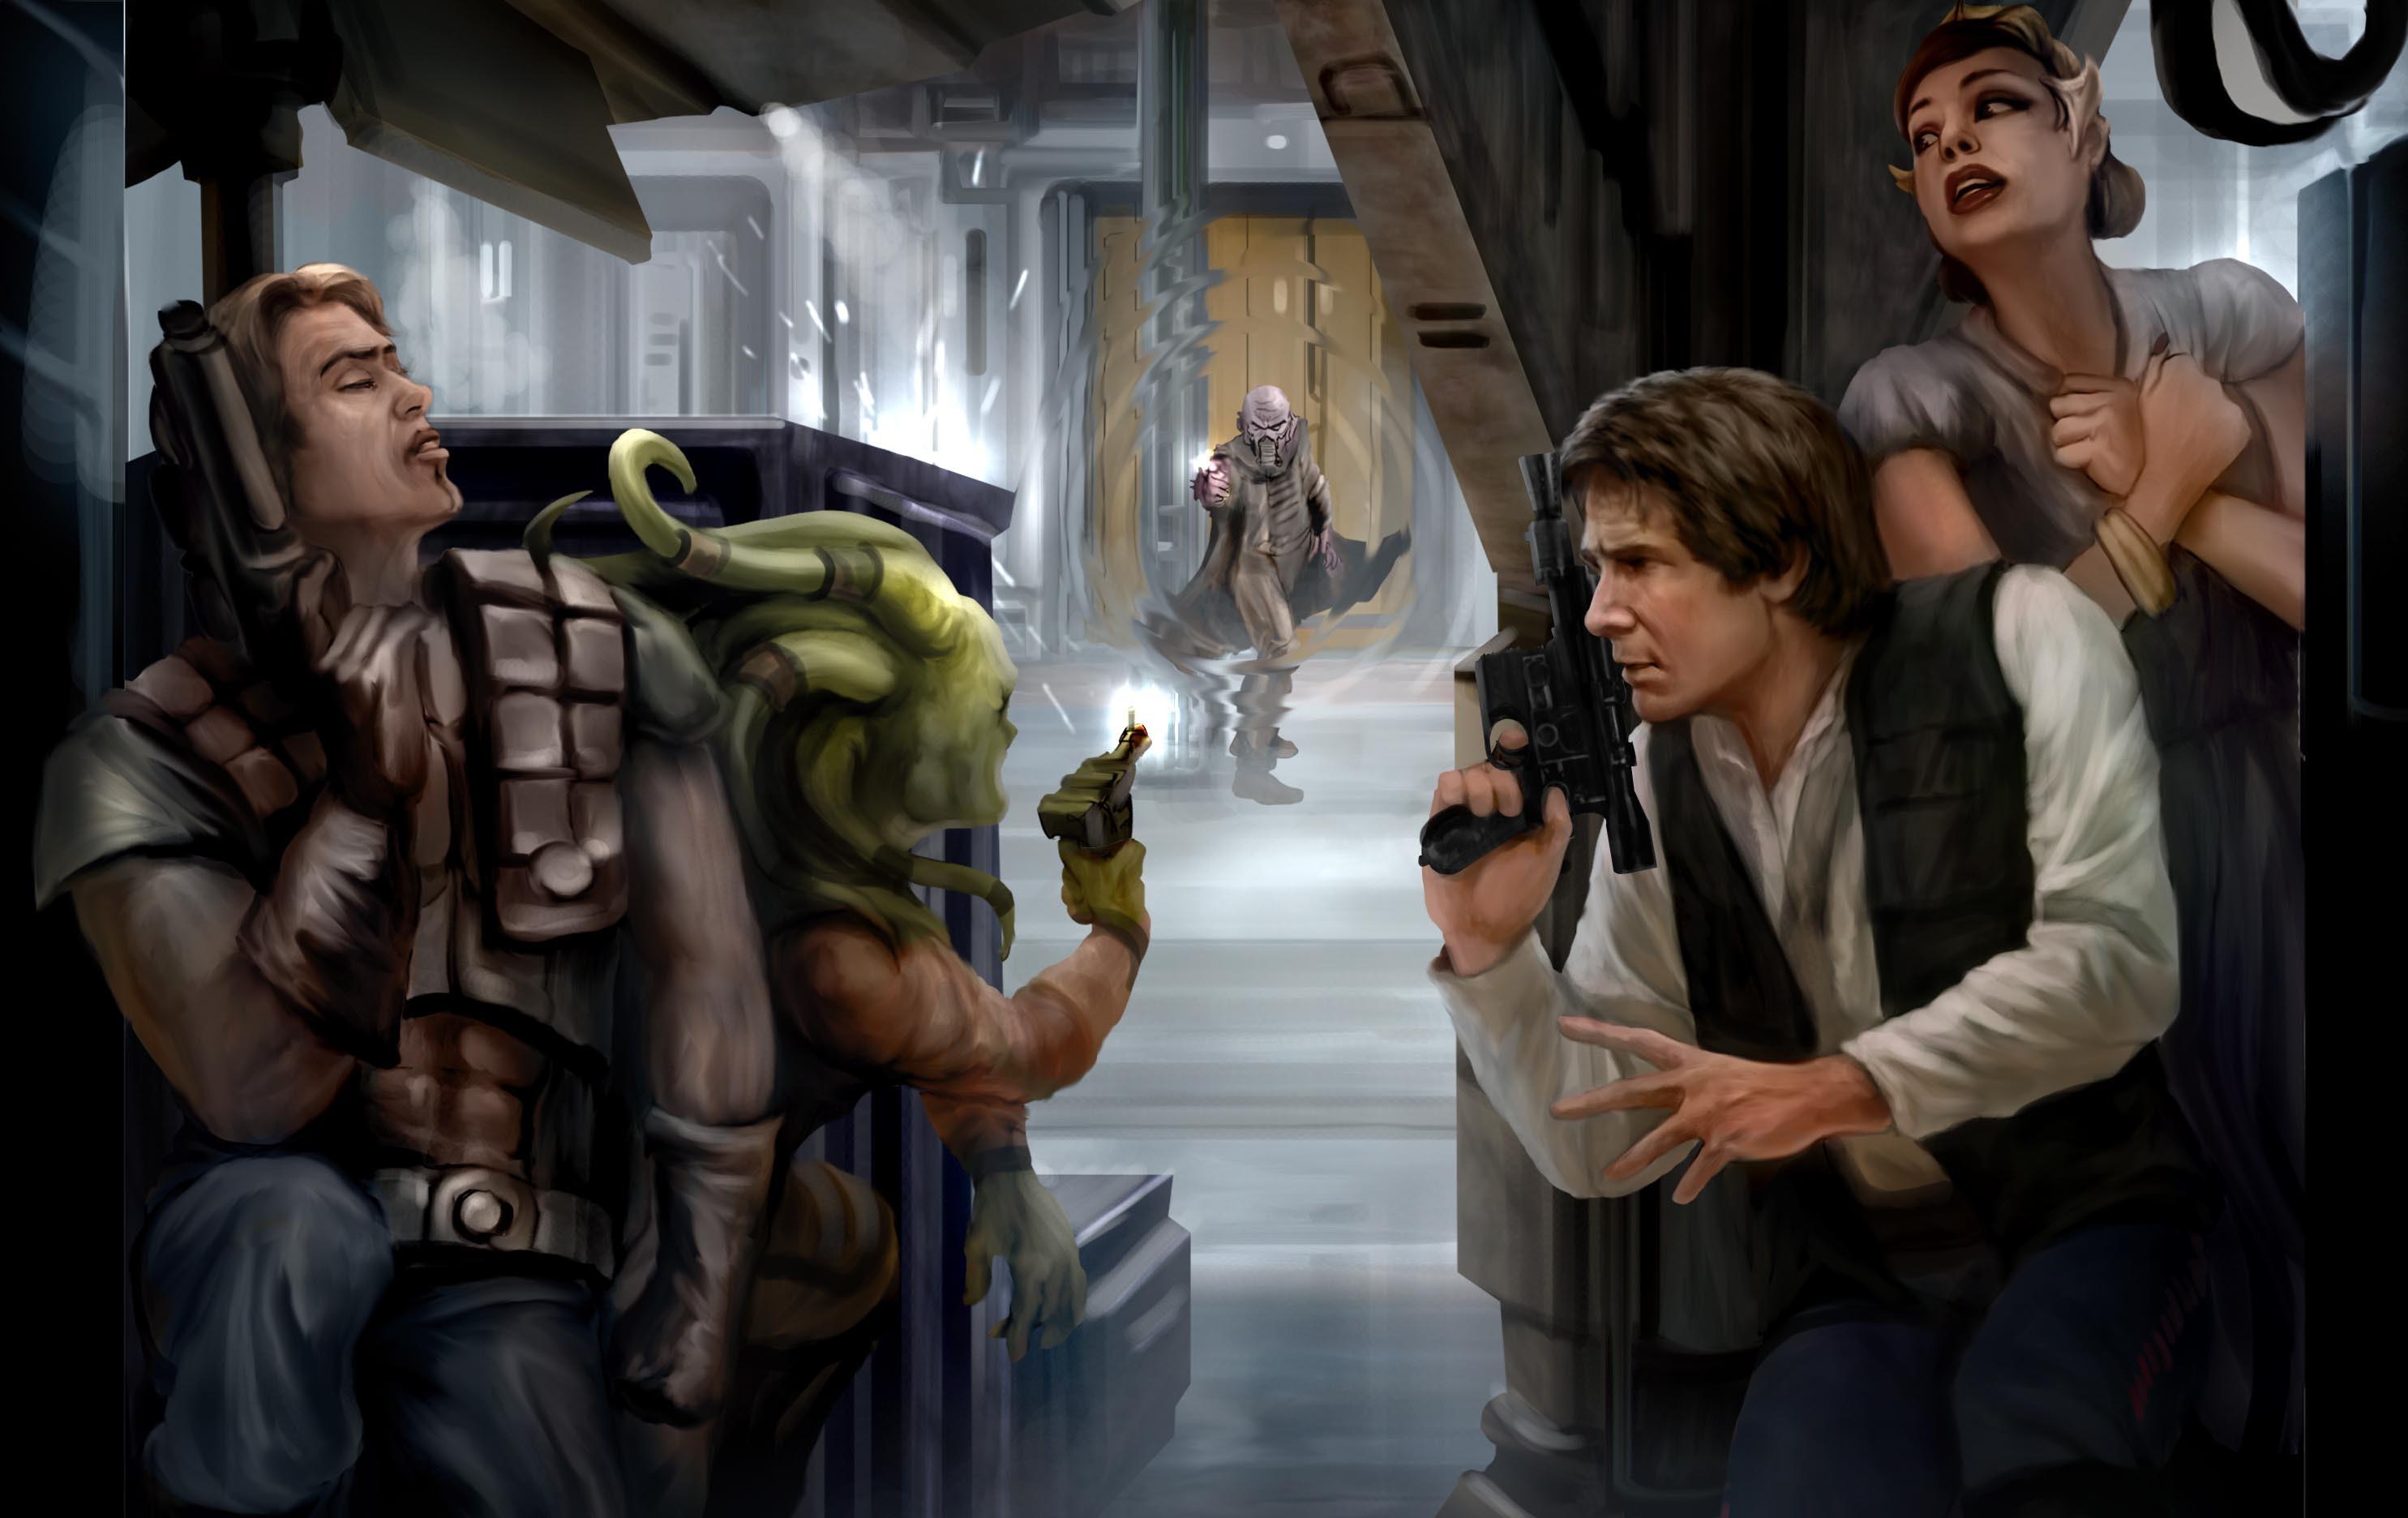 Wallpaper Star Wars Han Solo Dash Rendar 2970x1872 Tomaboy